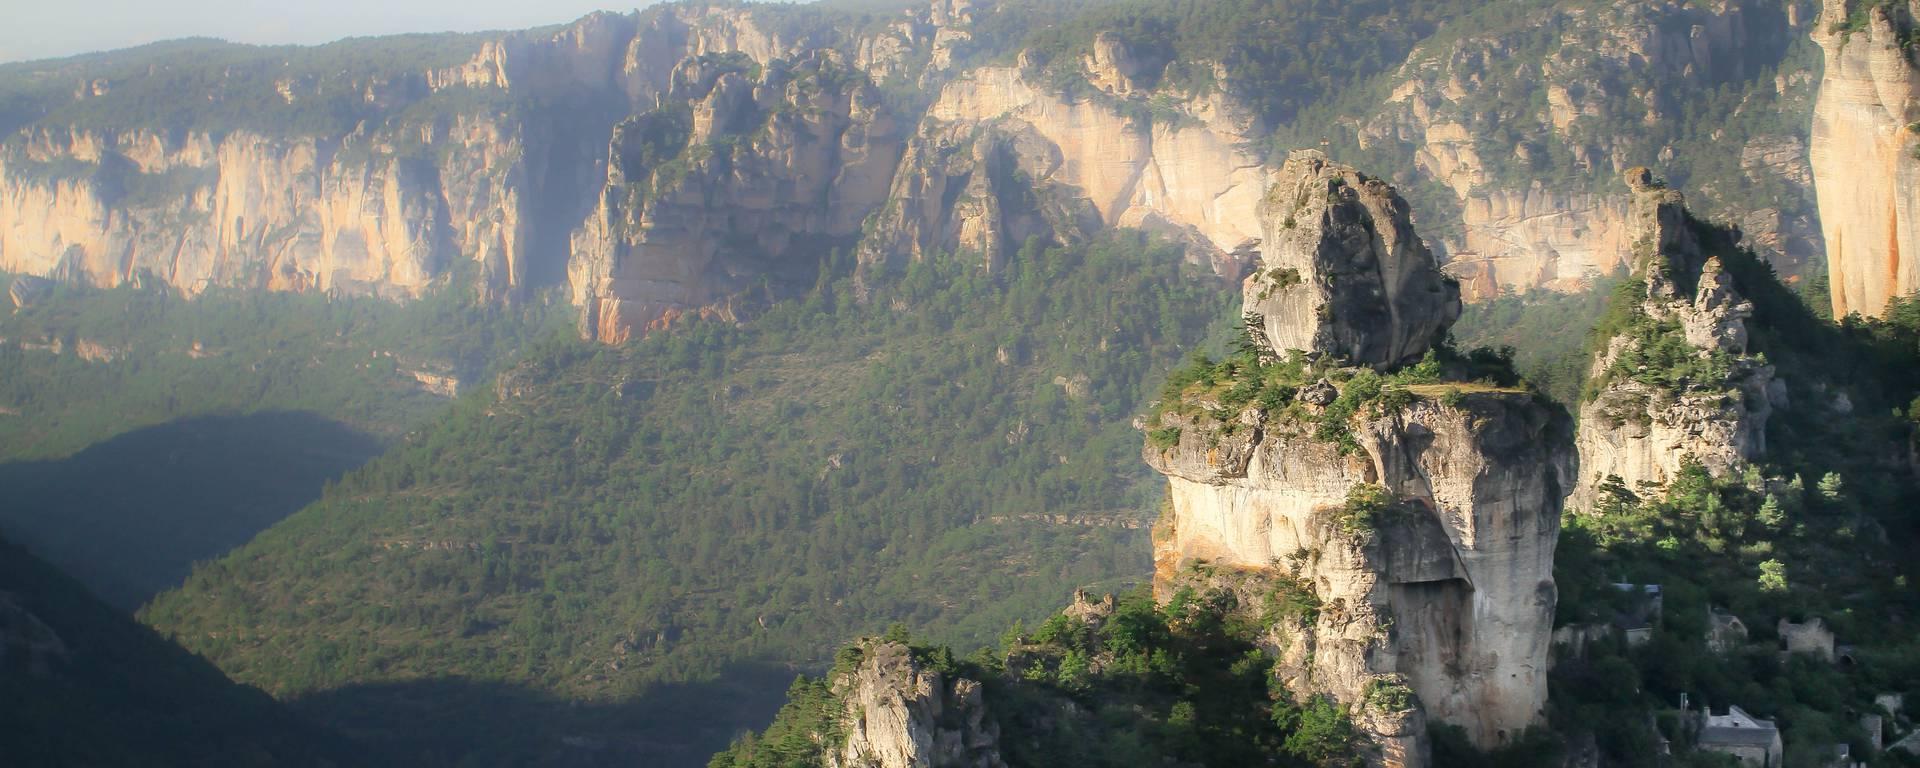 Rocher de Capluc, confluent des gorges de la Jonte et du Tarn